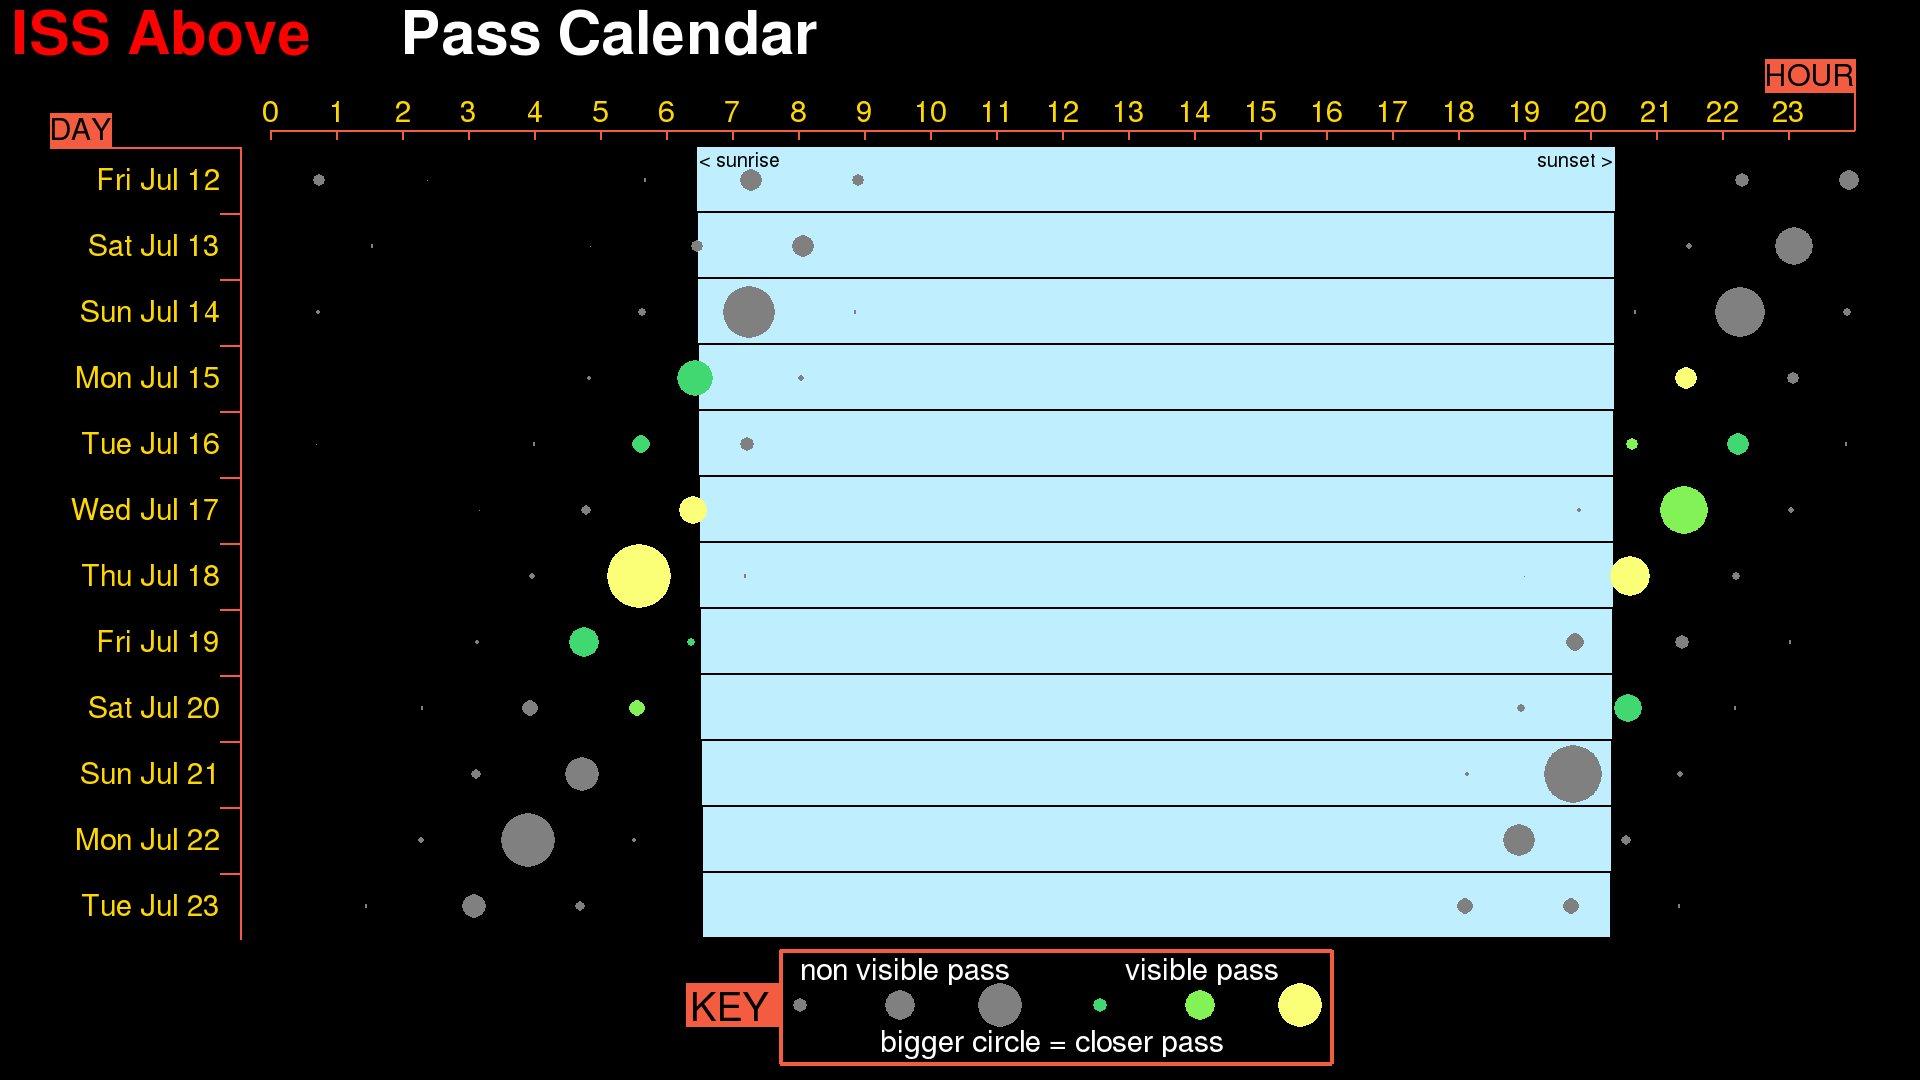 ISS Pass Calendar